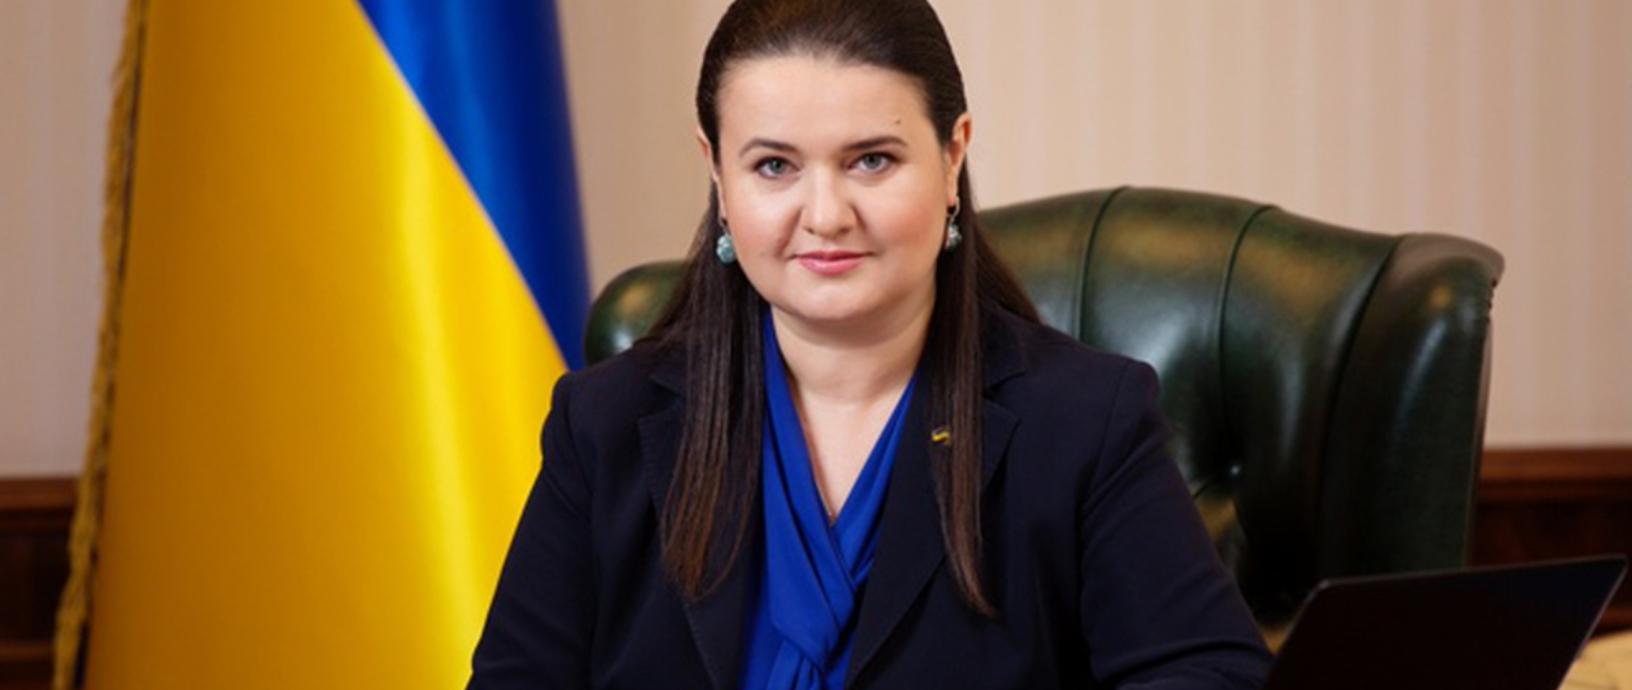 Посол Украины в США назвала приоритеты в отношениях Киева и Вашингтона